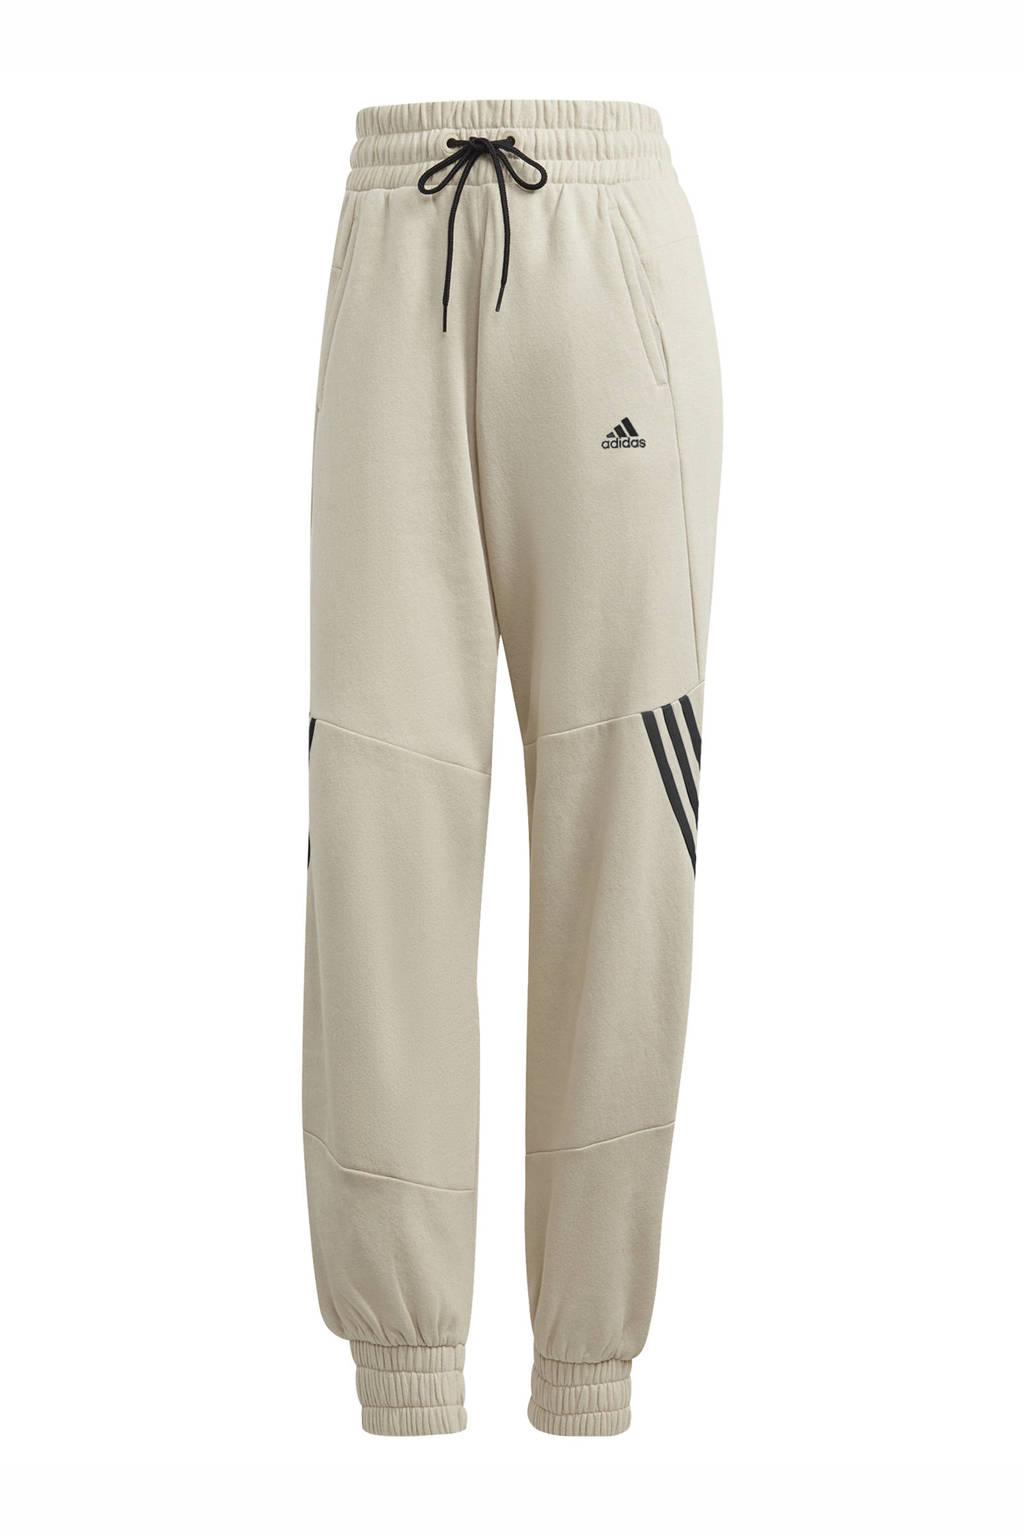 adidas Performance sportbroek beige/zwart, Beige/zwart